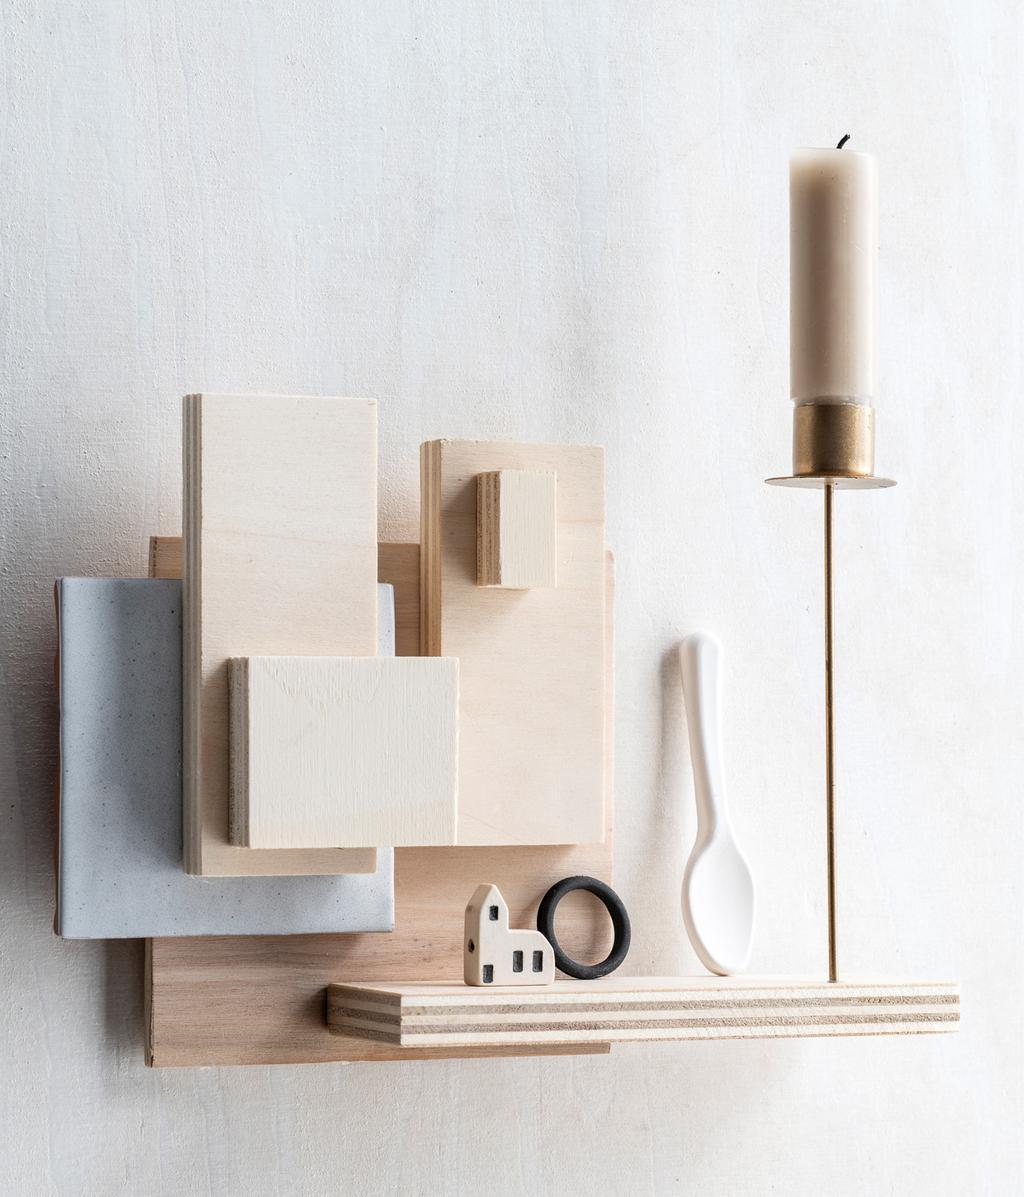 DIY wandkandelaar van hout | vtwonen 09-2020